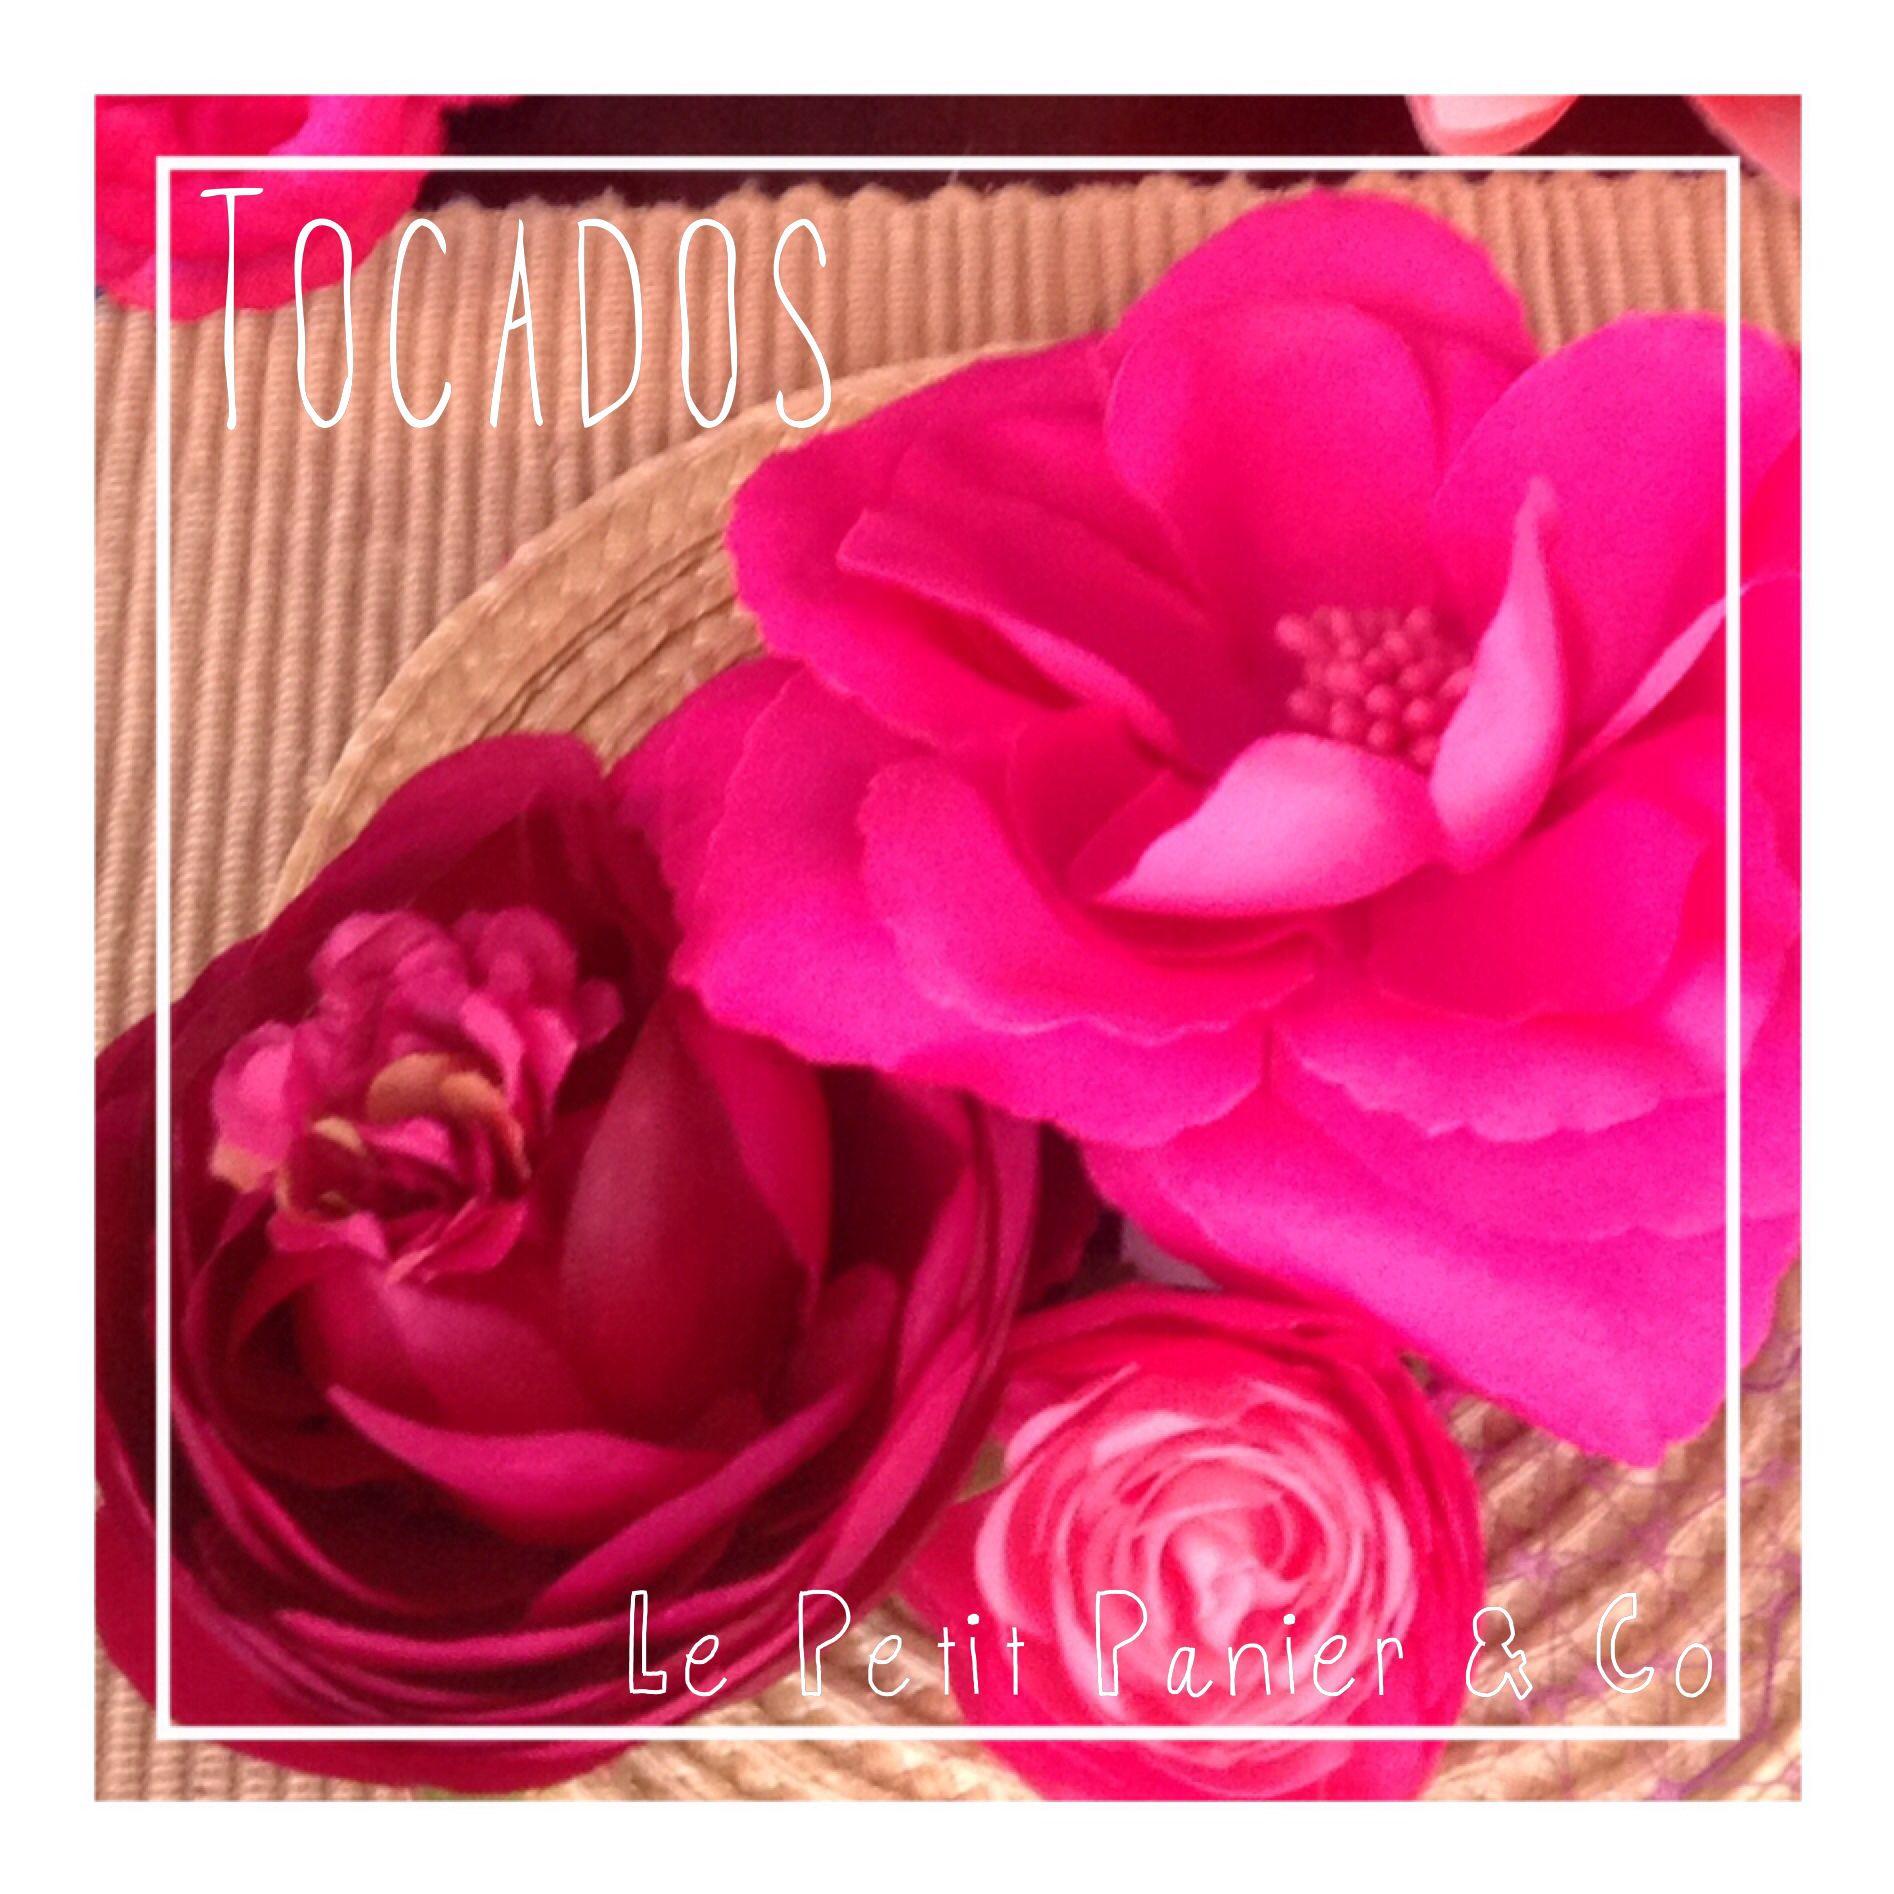 Tocados, complementos para invitadas, accesorios exclusivos y personalizados en http://lepetitpanierandco.blogspot.com